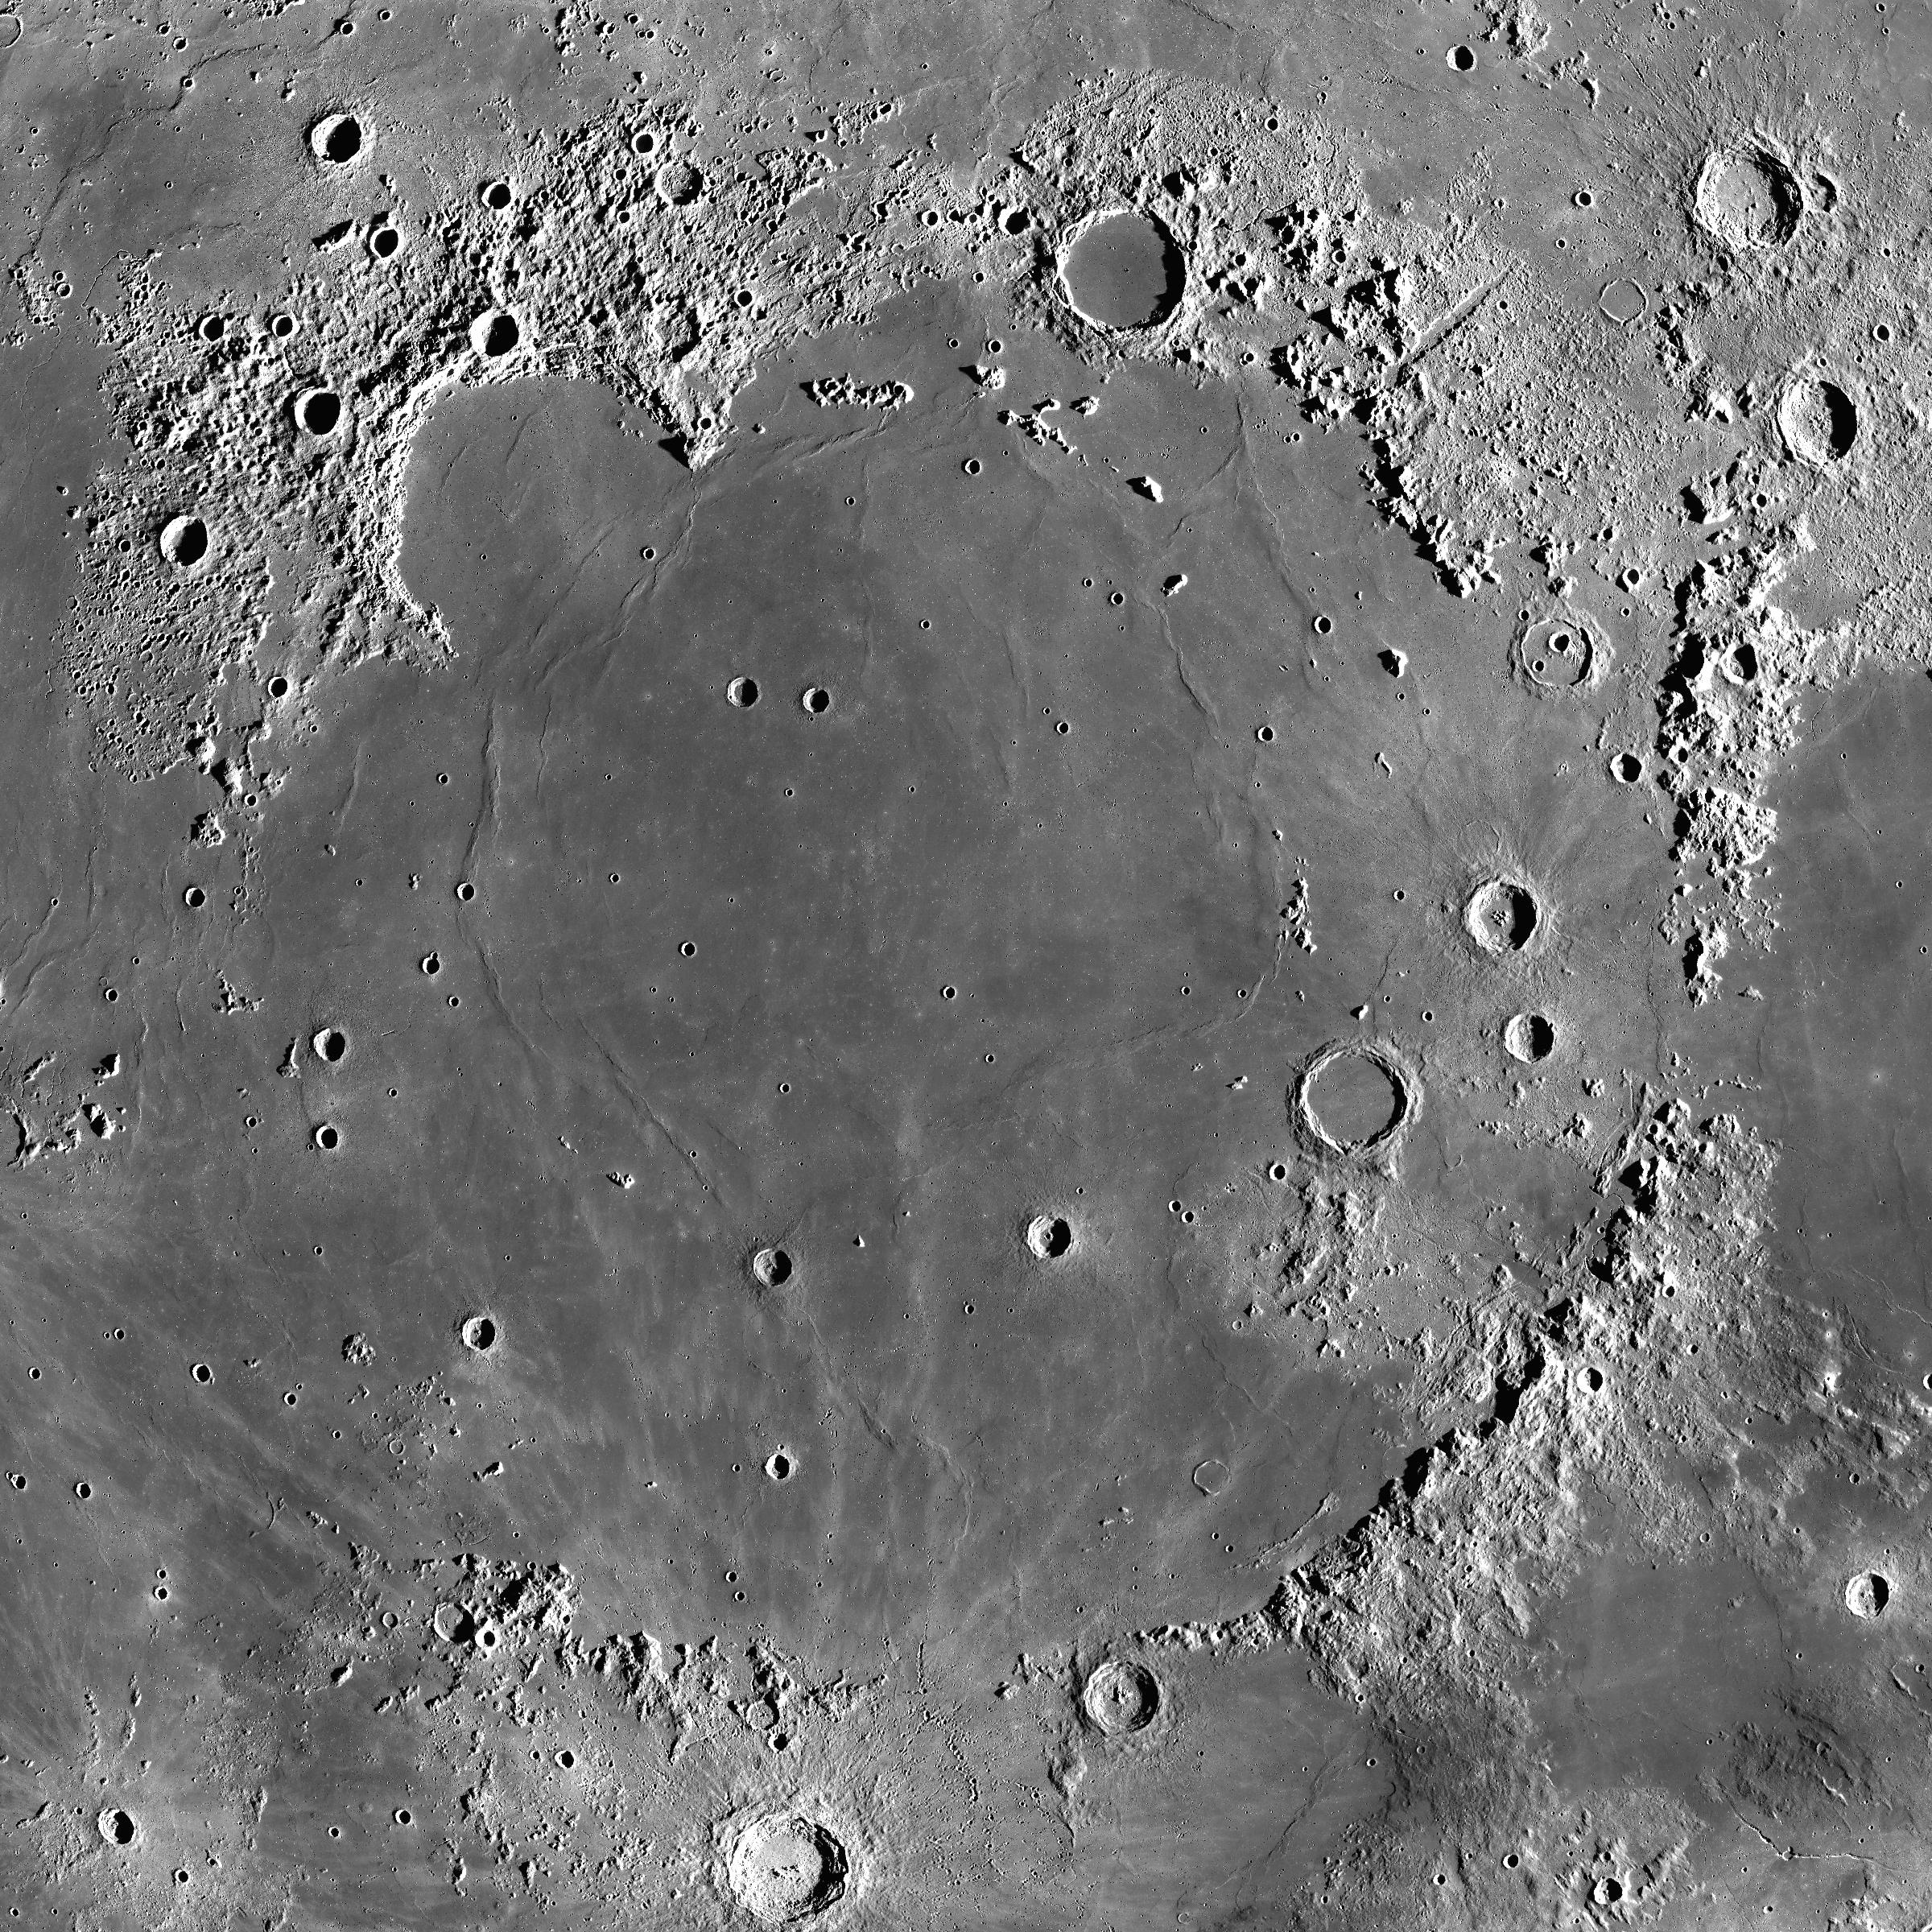 File:Mare Imbrium (LRO).png.